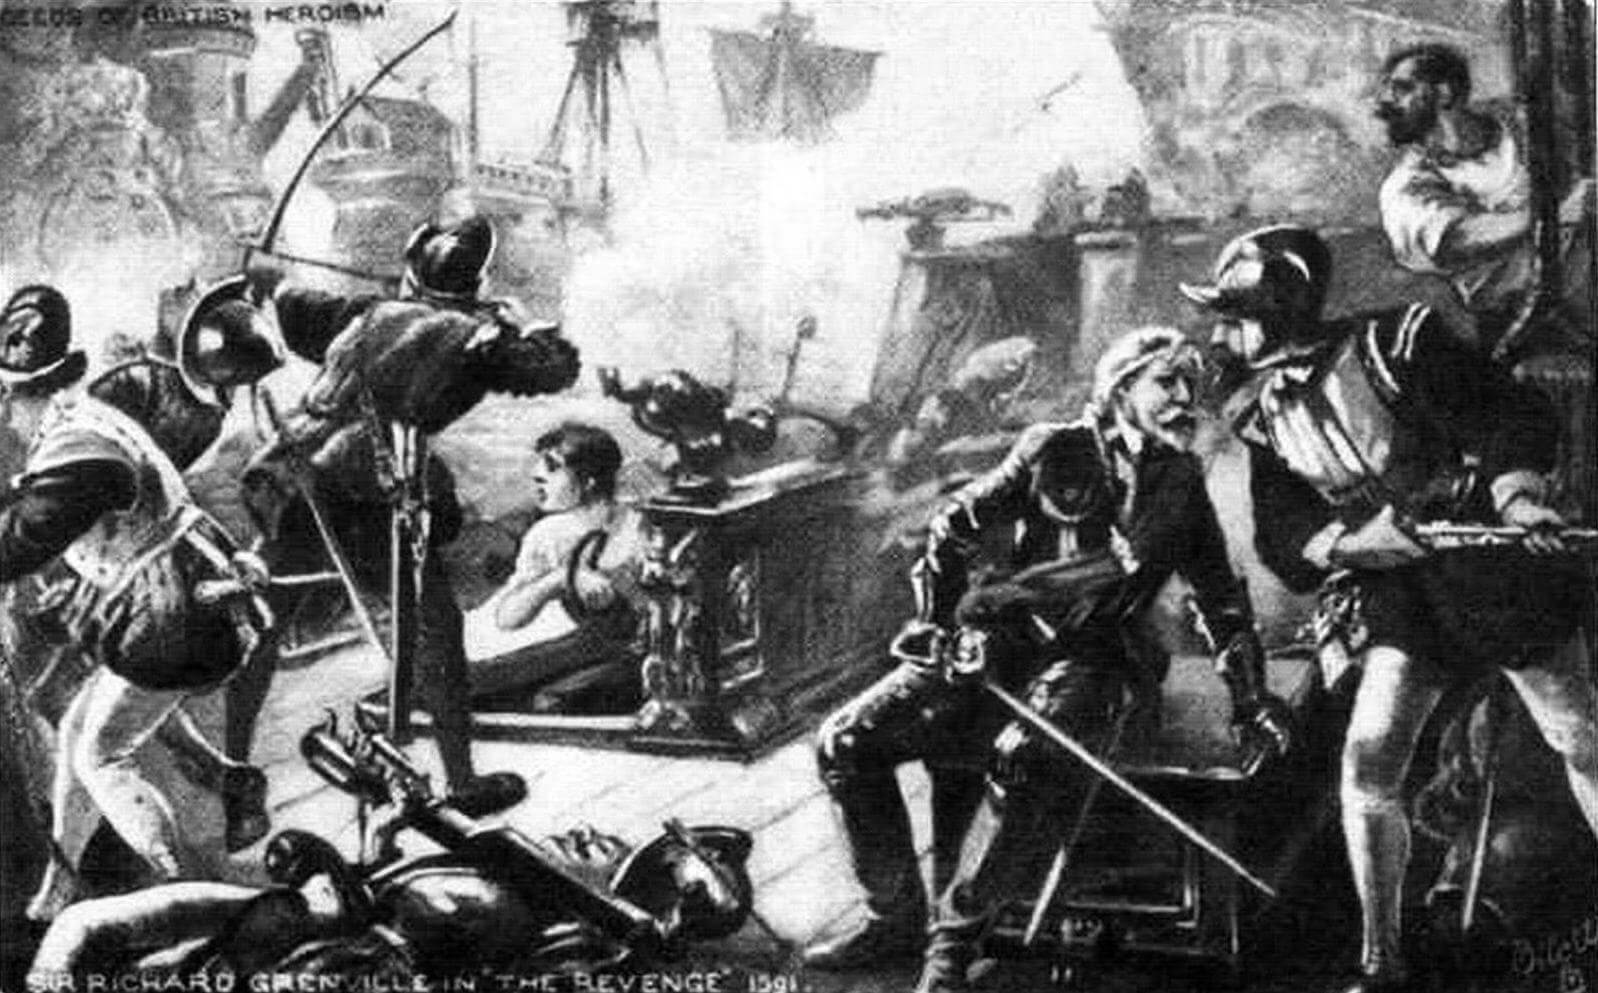 Сэр Ричард Гренвилл на «Ривендже» во время боя у острова Флорес. Команда английского галеона отчаянно сражается с многочисленными врагами, но сам капитан уже смертельно ранен в голову...